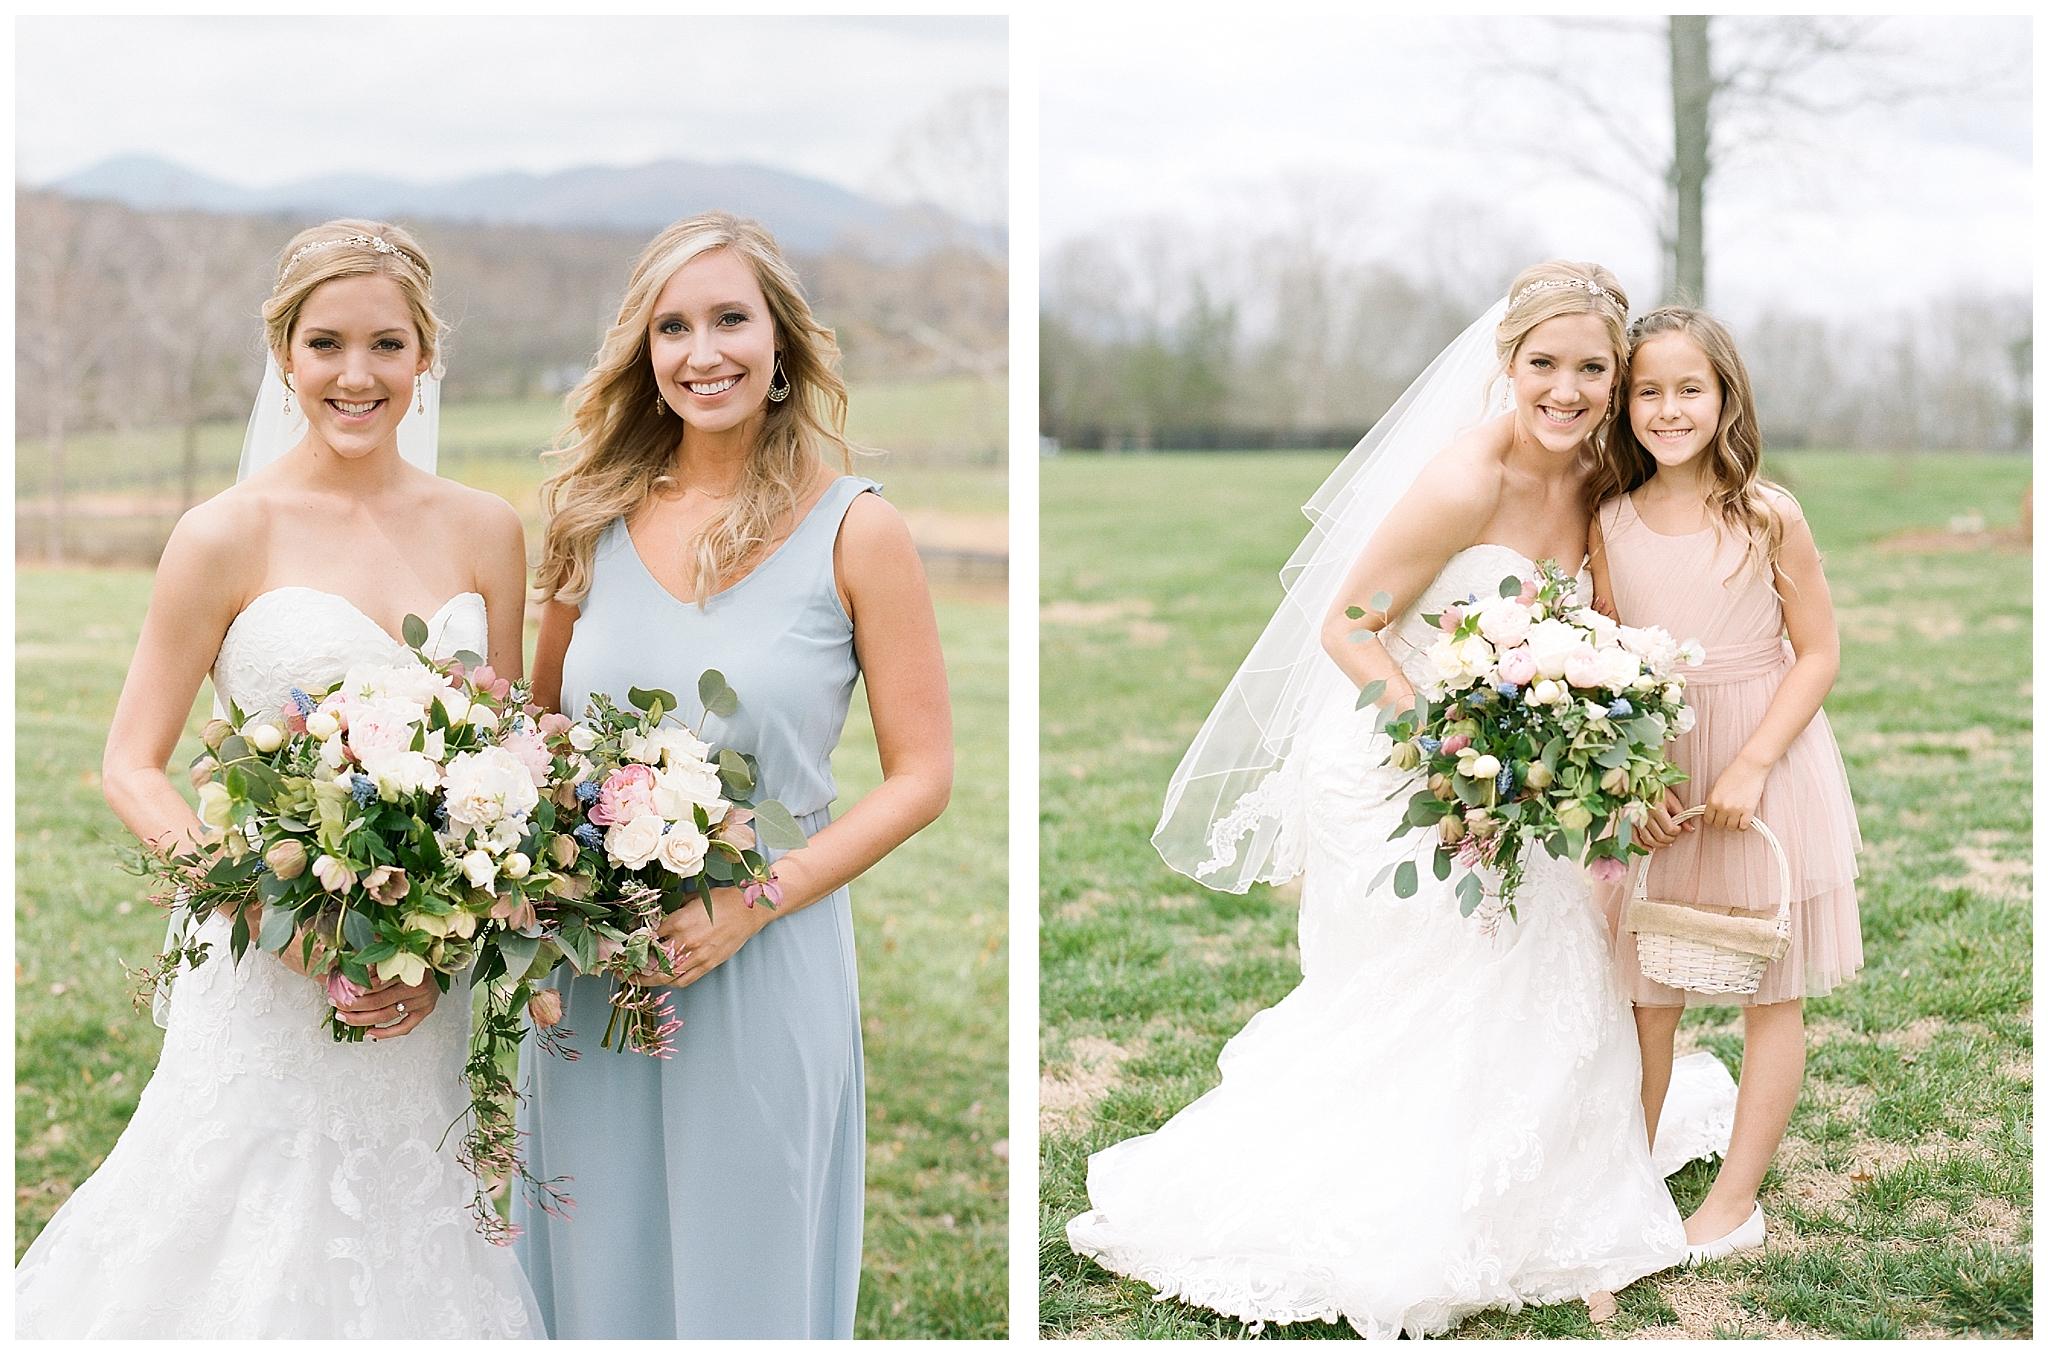 white-oaks-barn-dahlonega-wedding-photographer-christina-pugh_0015.jpg